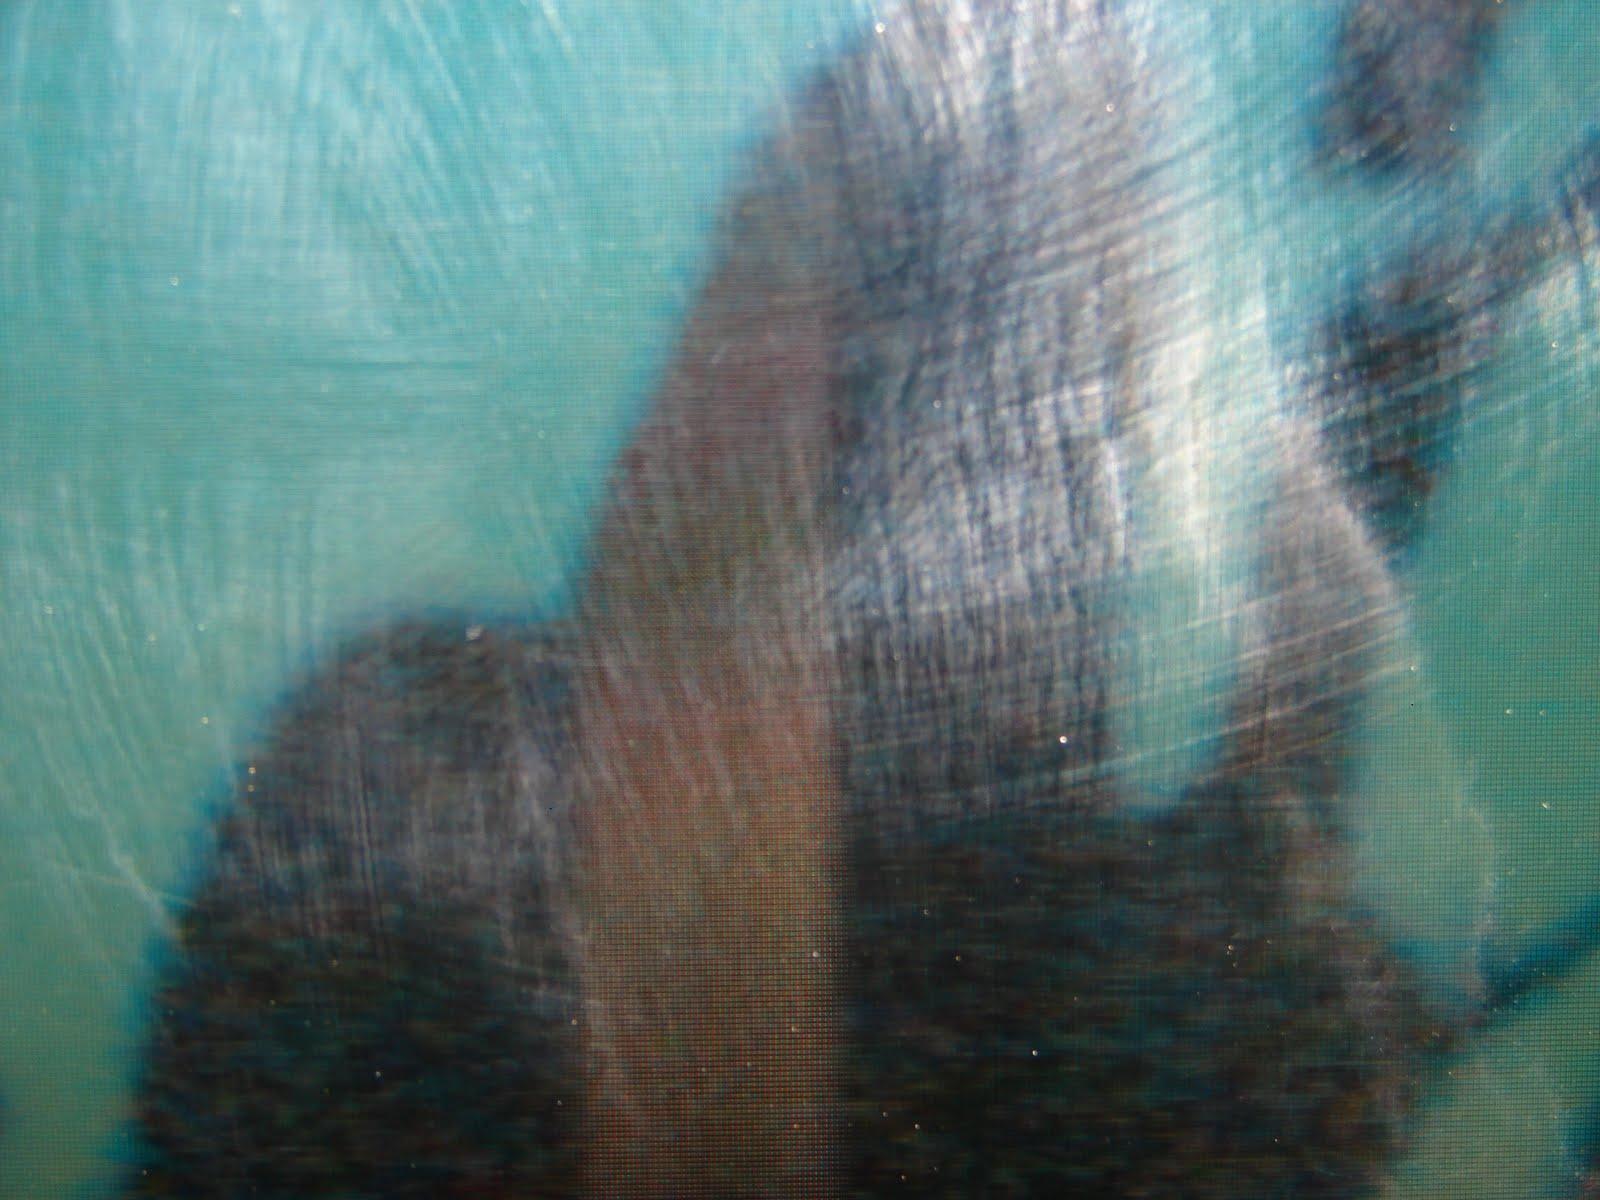 12-febrero avistamiento de ALIEN demonio reptiloide humanoide,hibridado sobre ,ramas